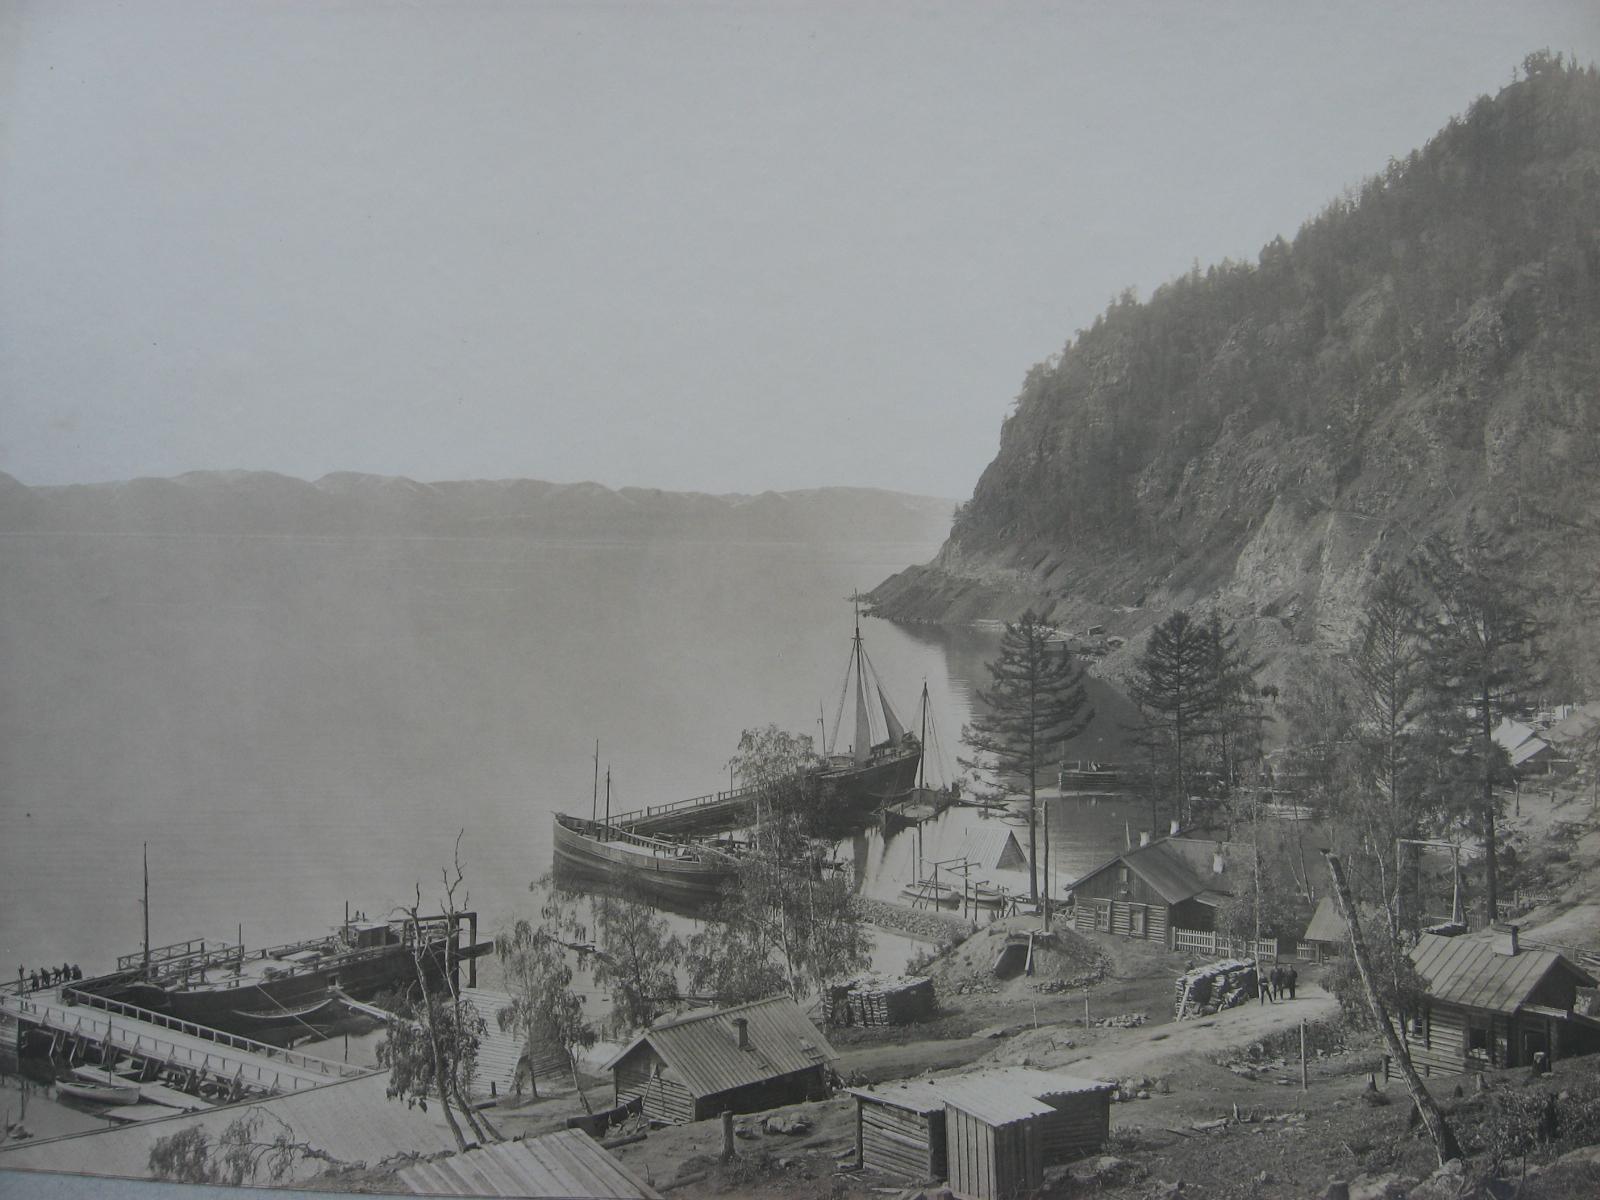 47. Бухта Байкал. Строительство западного участка Байкал-Слюдянка только началось. 1902 год.